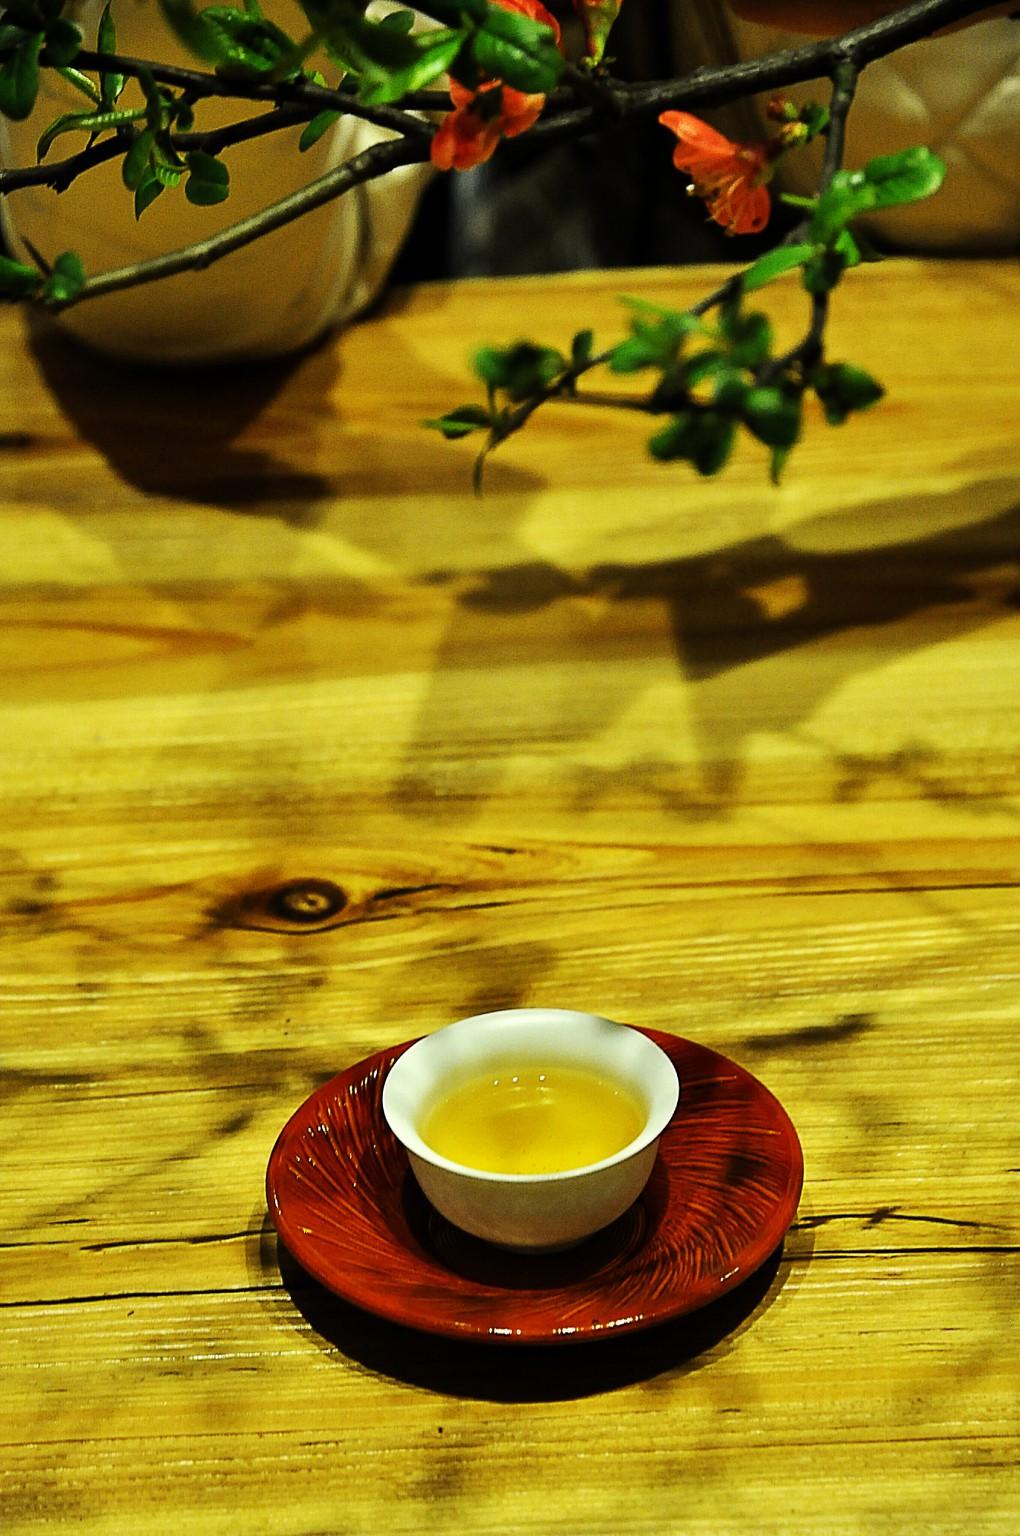 台湾茶对话武夷茶